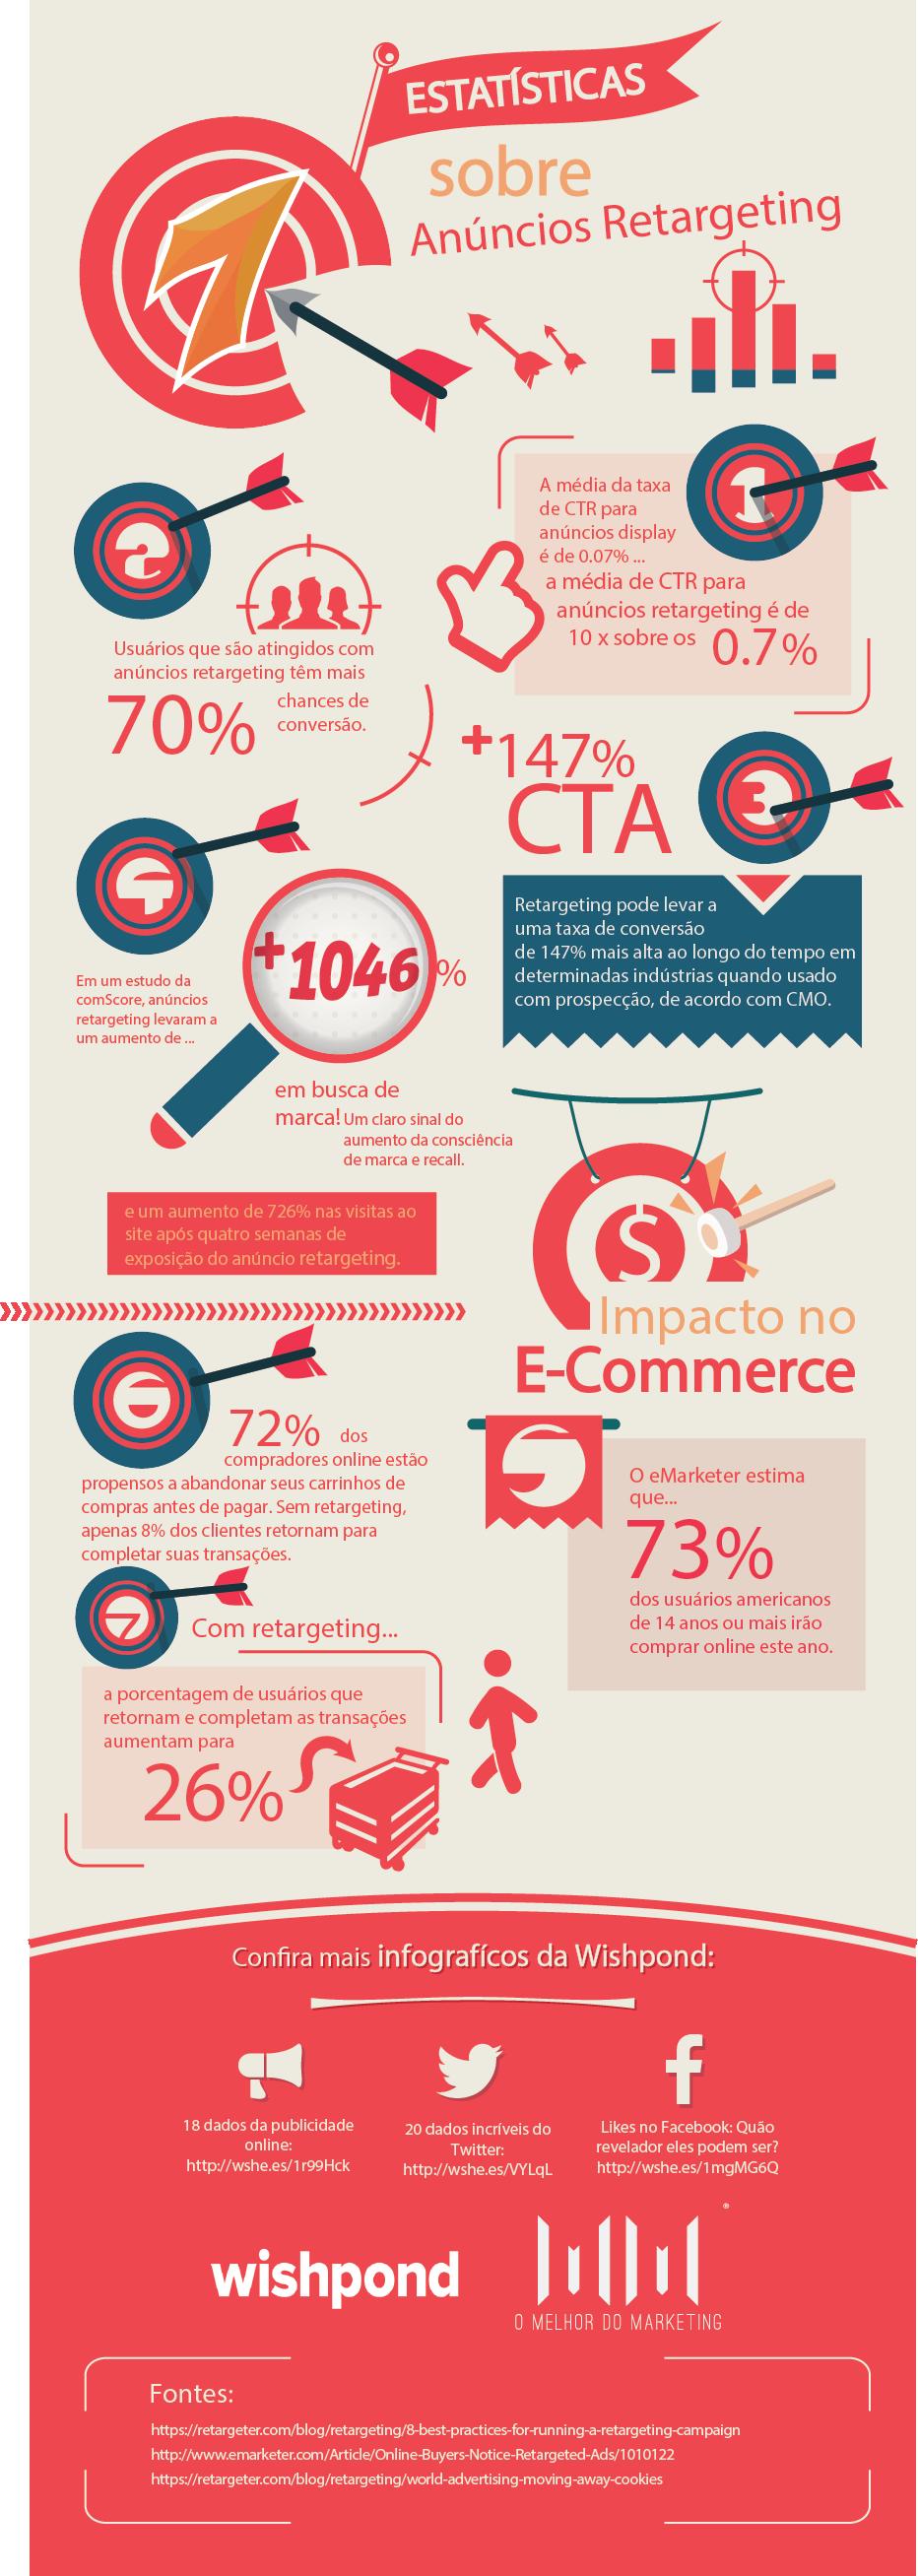 [INFOGRÁFICO] 7 estatísticas sobre anúncios retargeting que você precisa conhecer